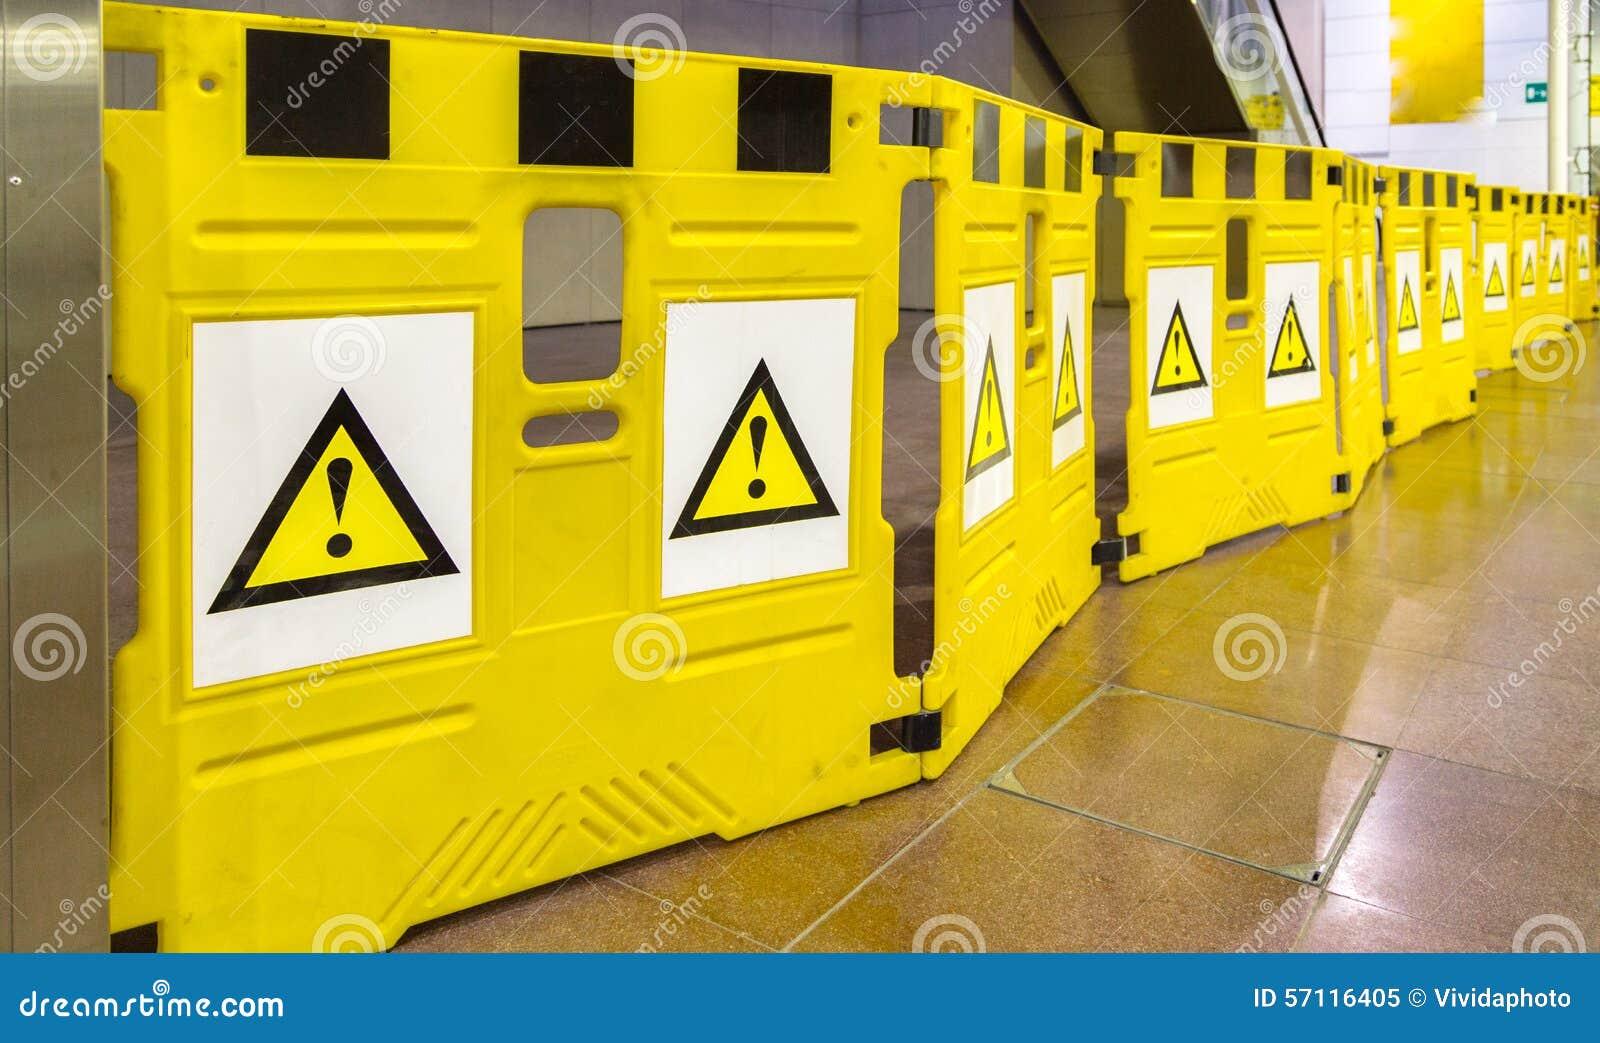 Mobila barriärer med utropstecken